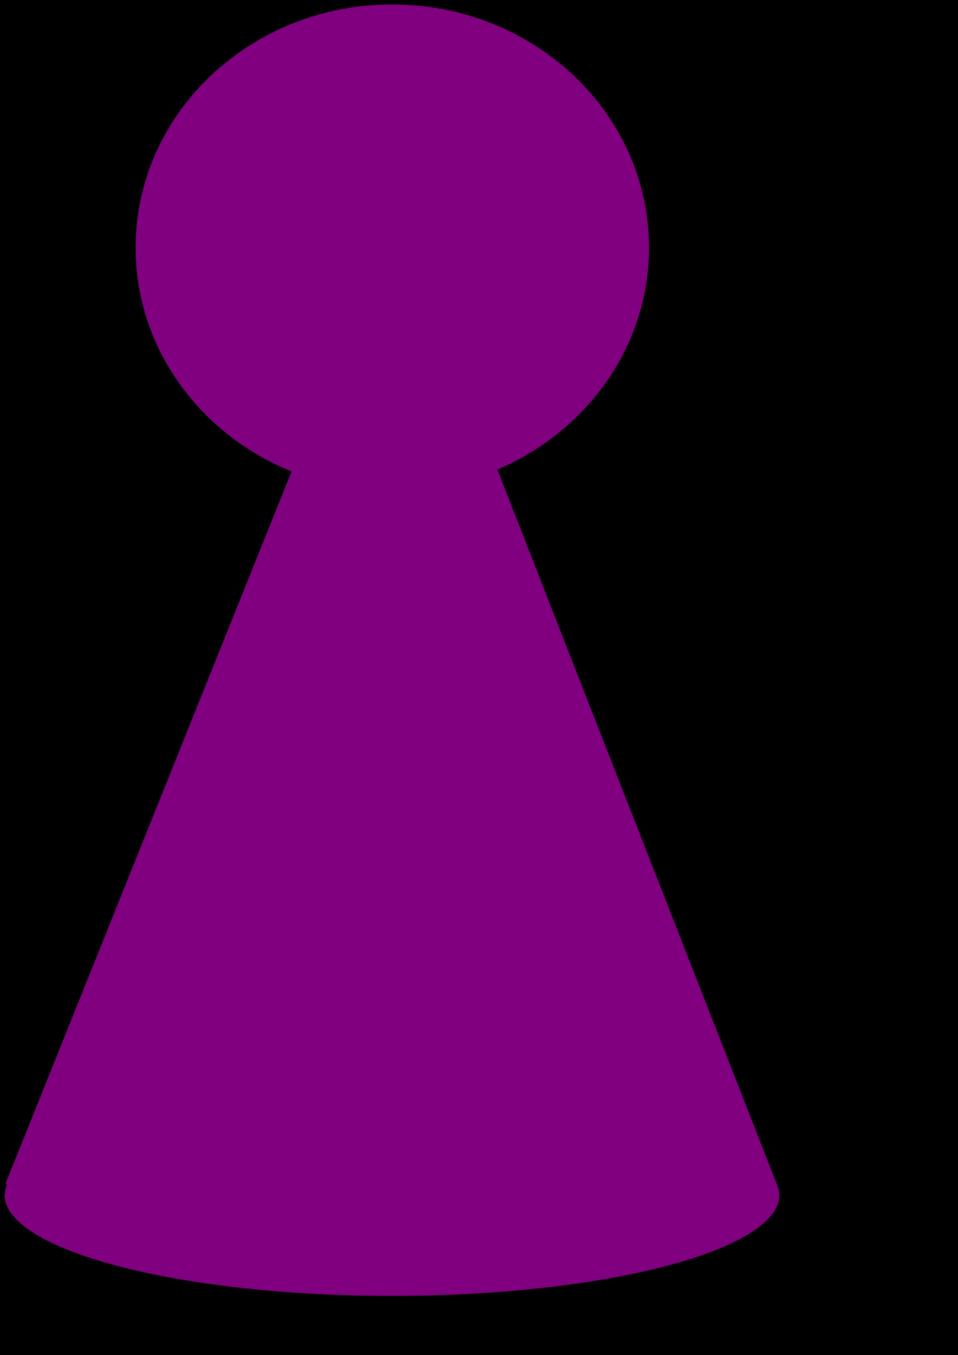 Ludo Piece - Plum Purple